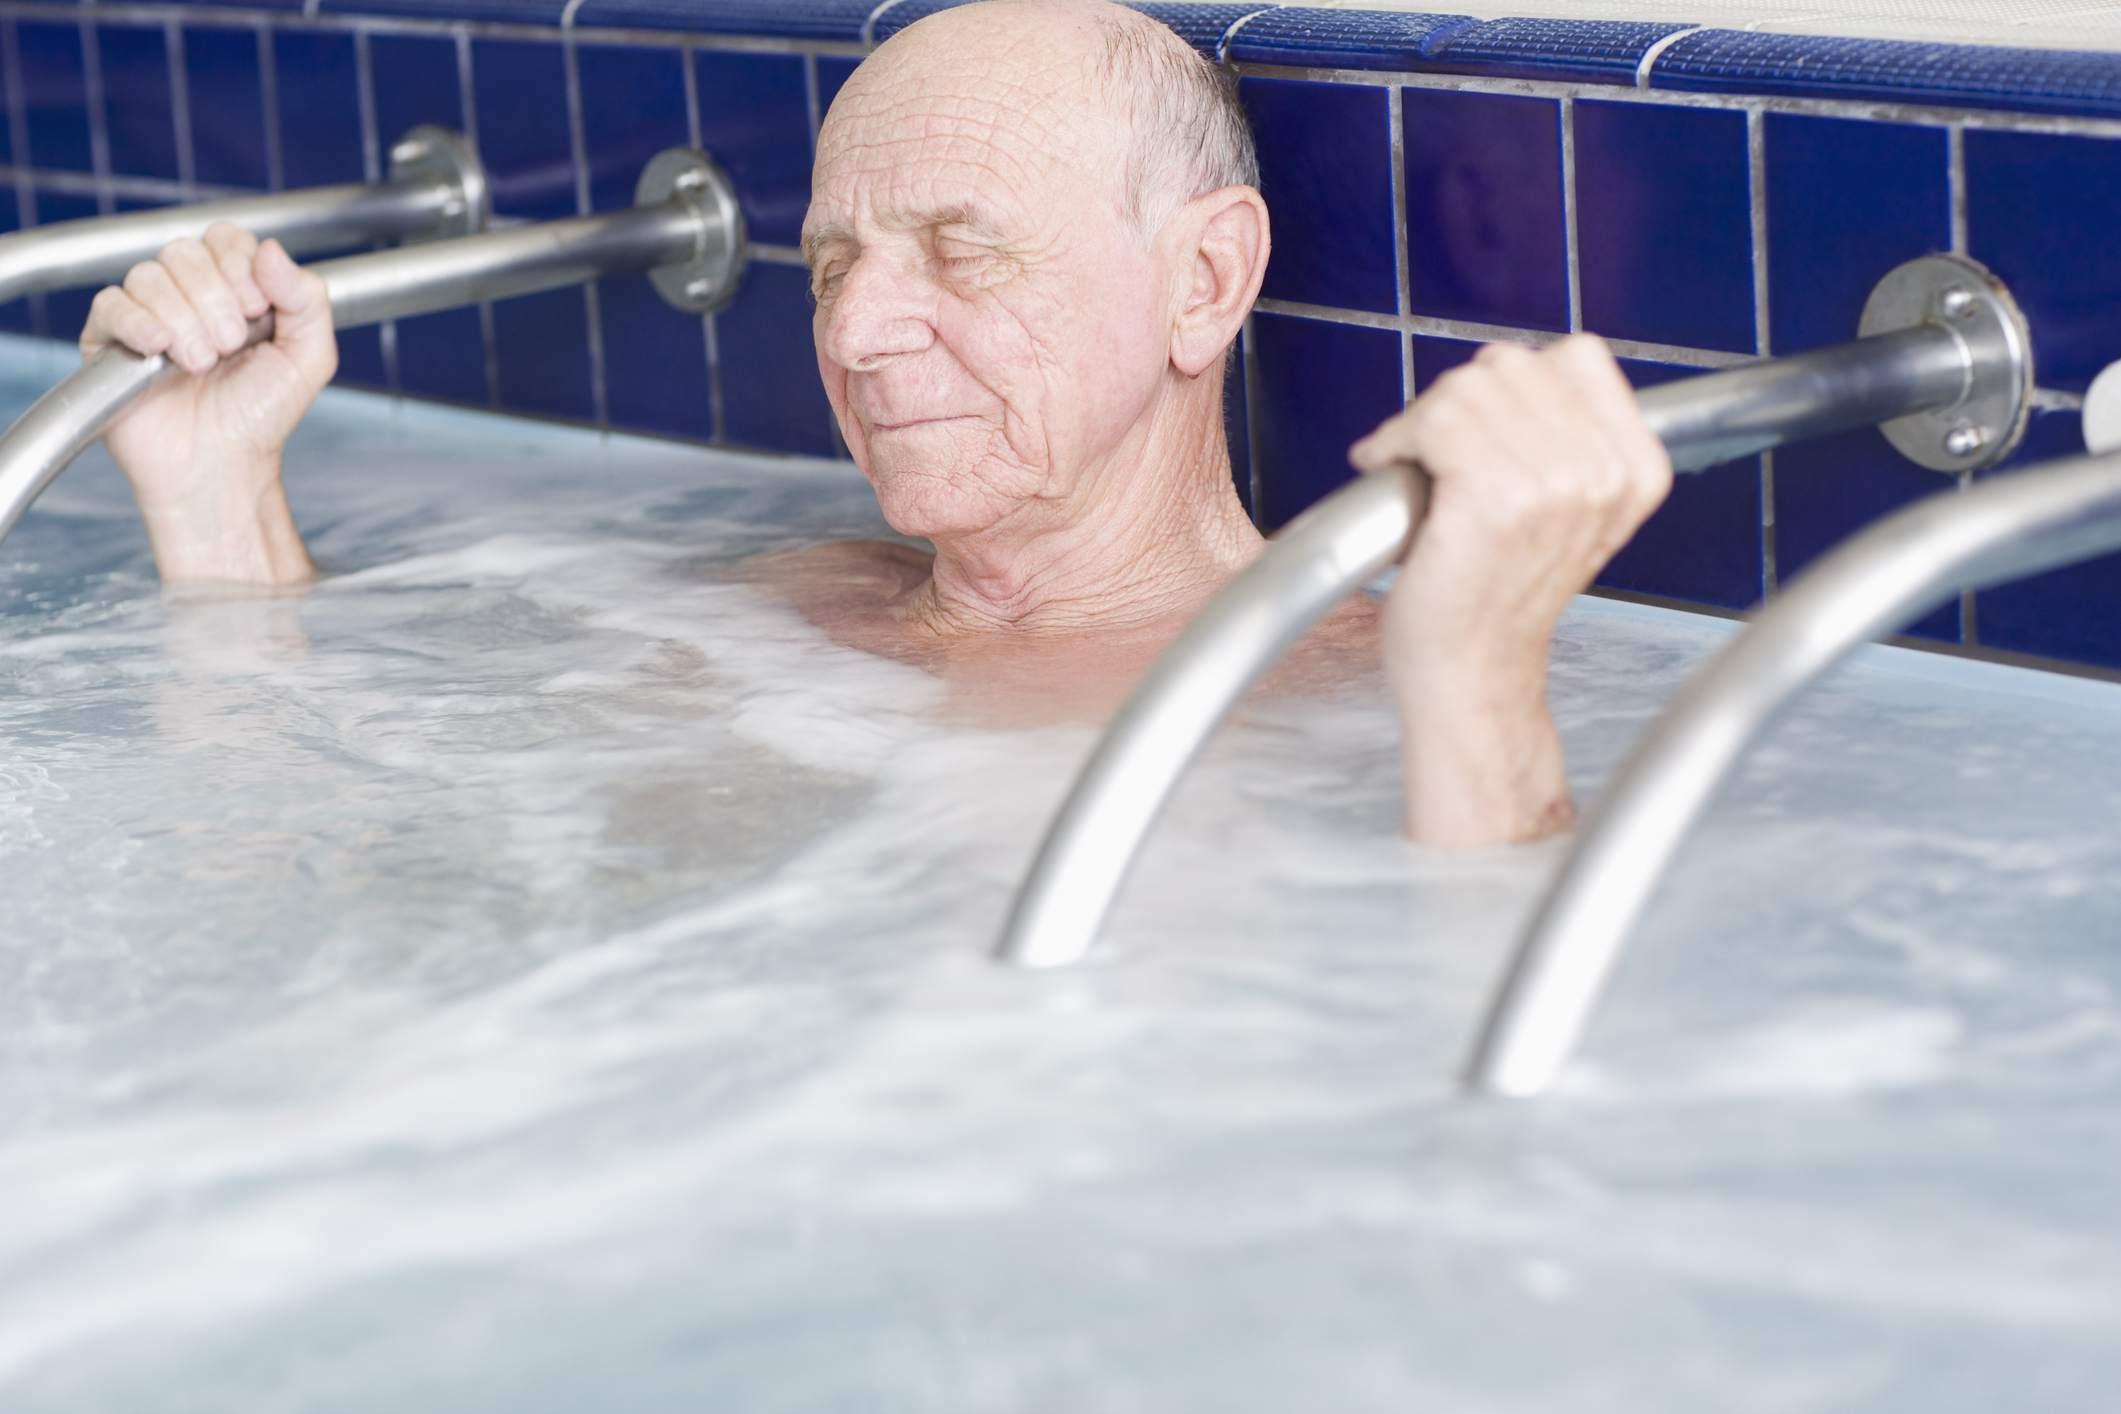 Man in whirlpool